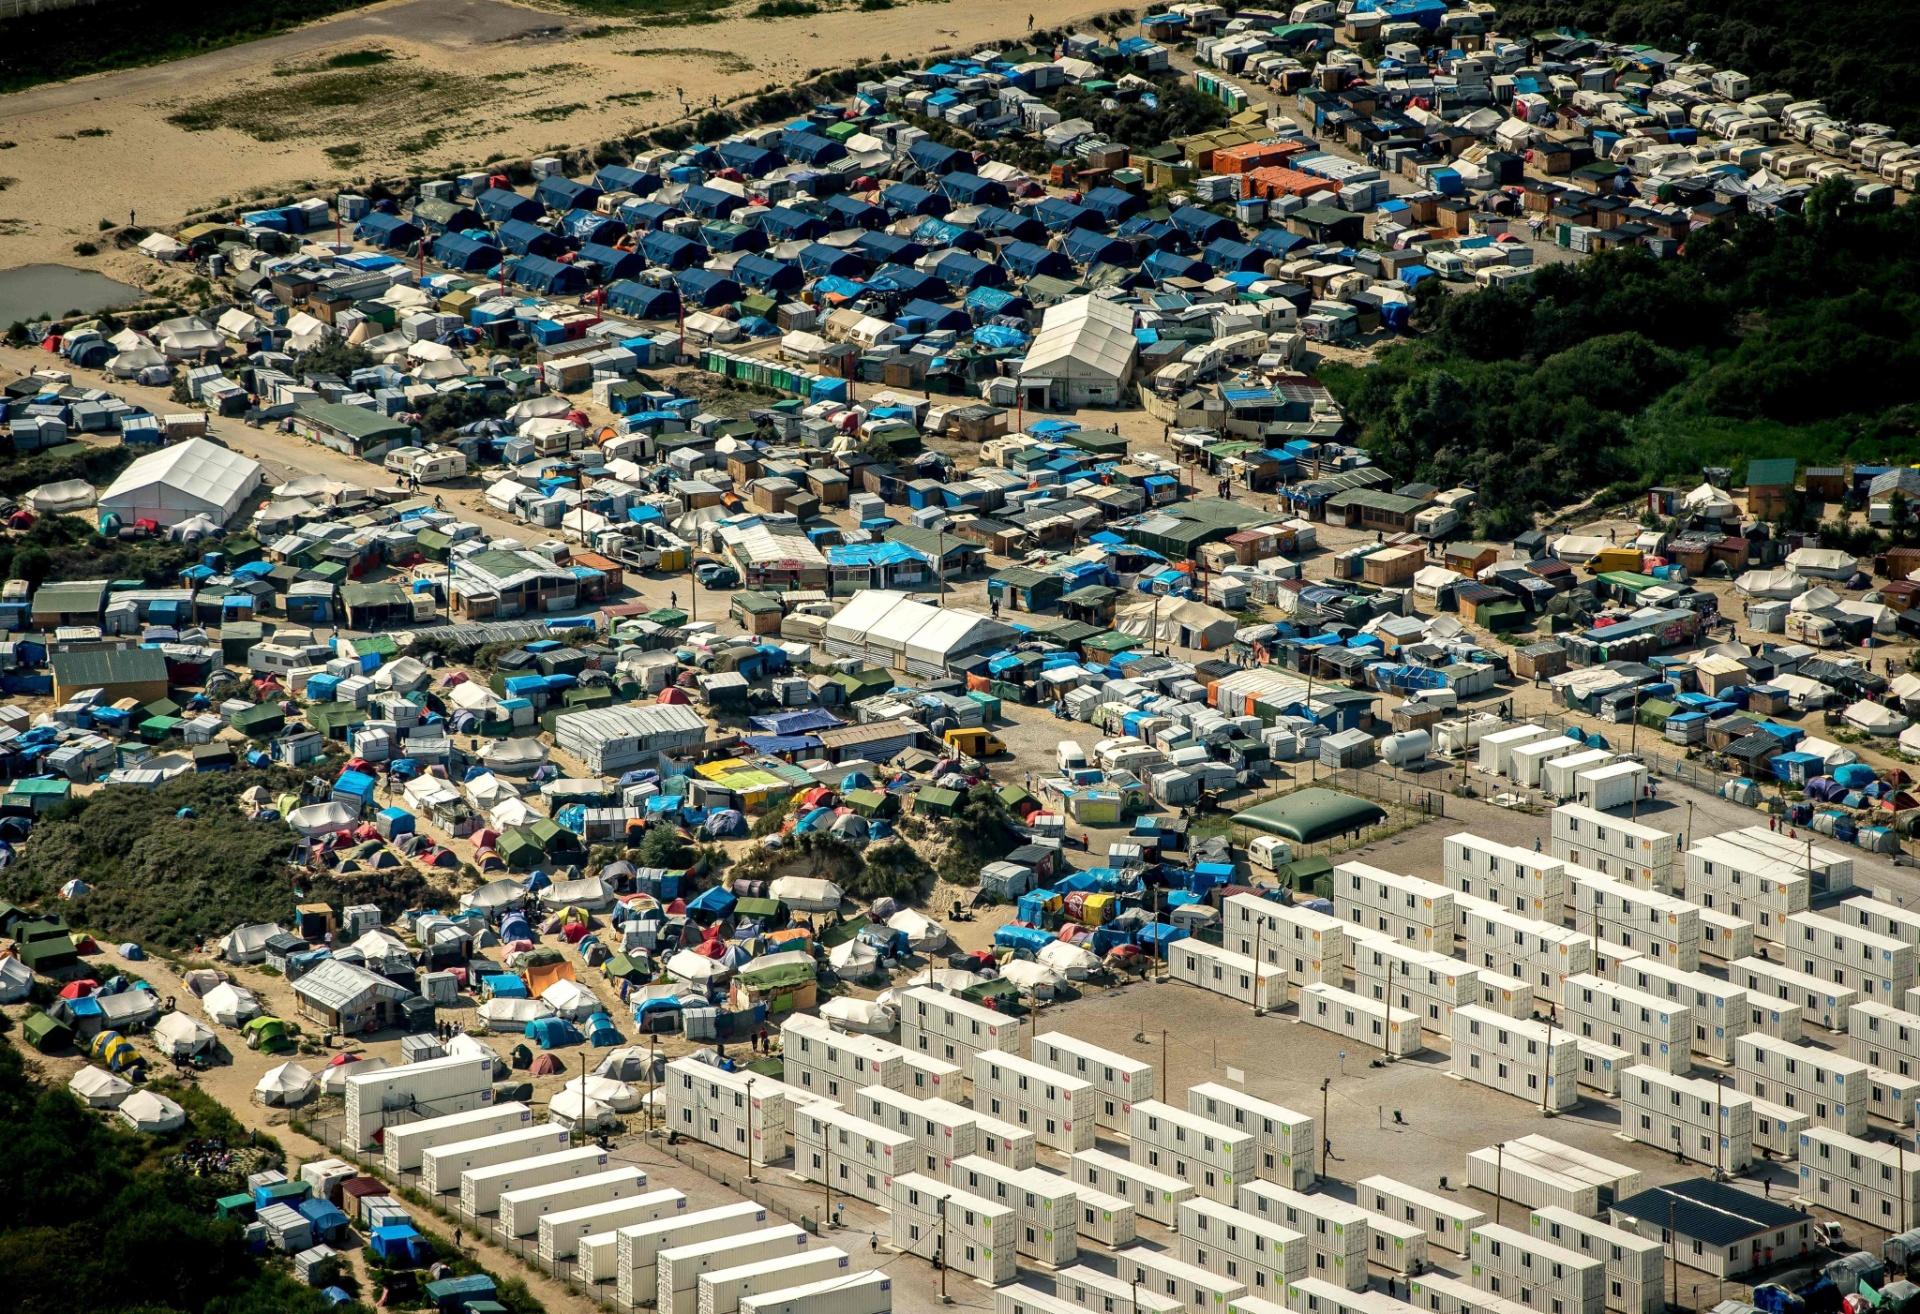 Acampamento de imigrantes em Calais, na França